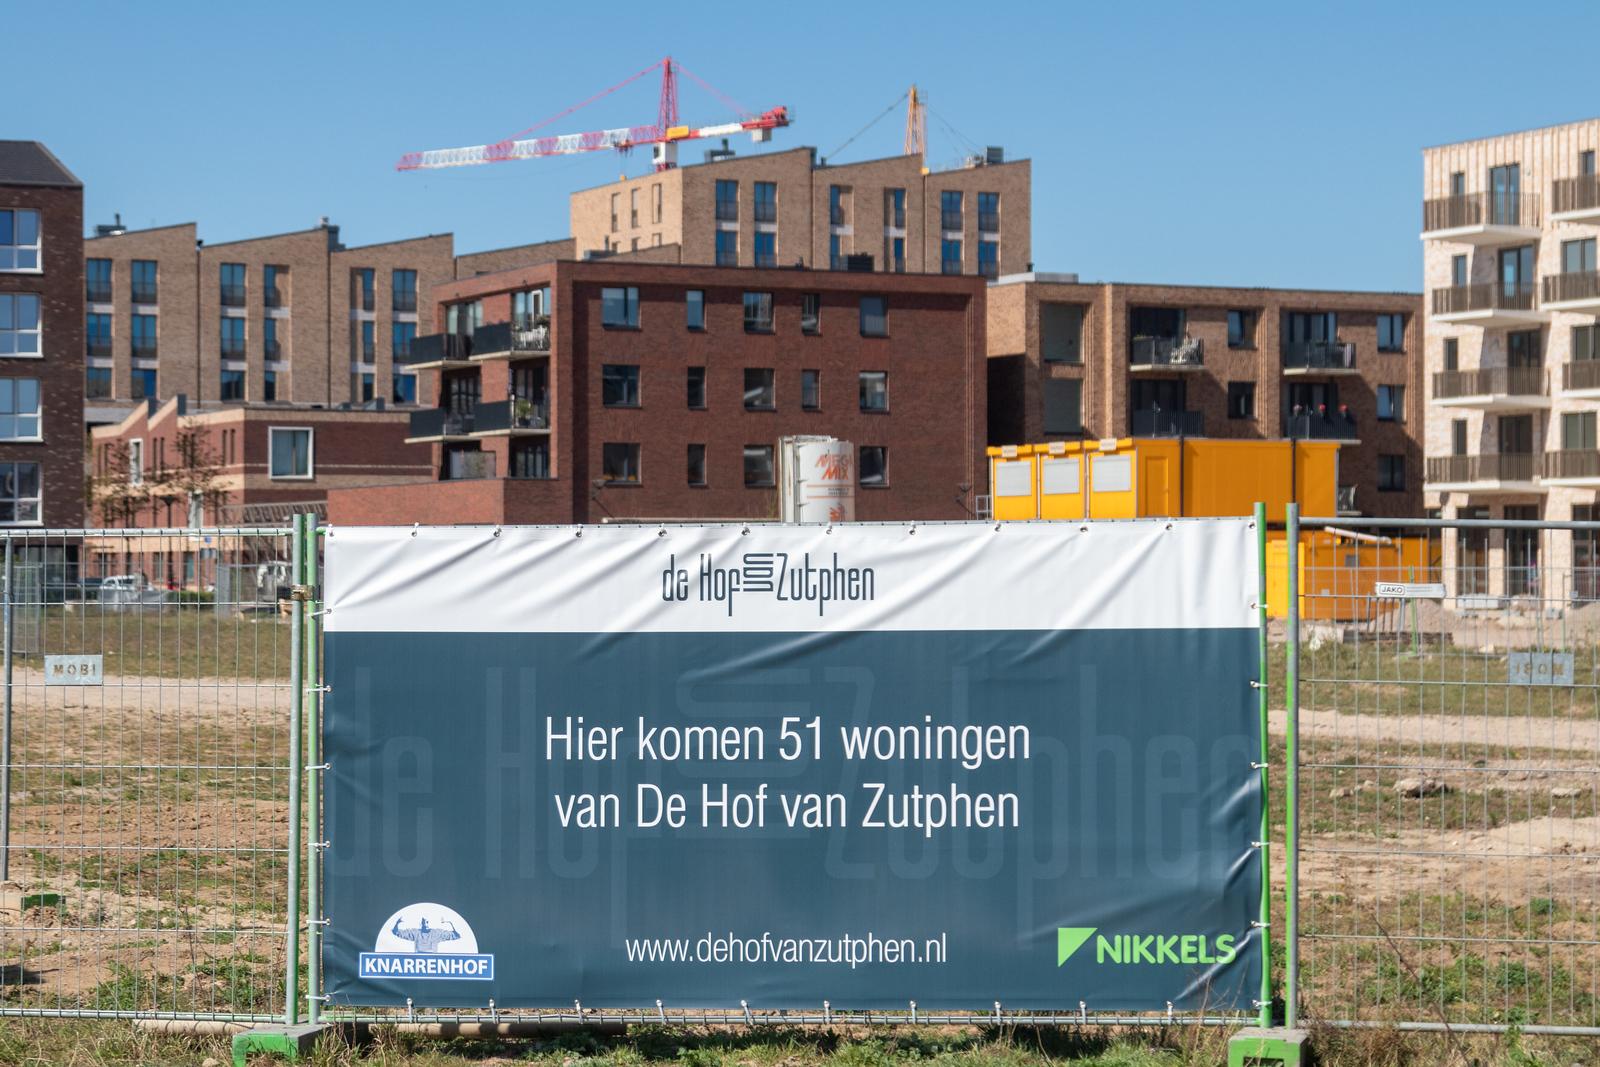 De Hof van Zutphen